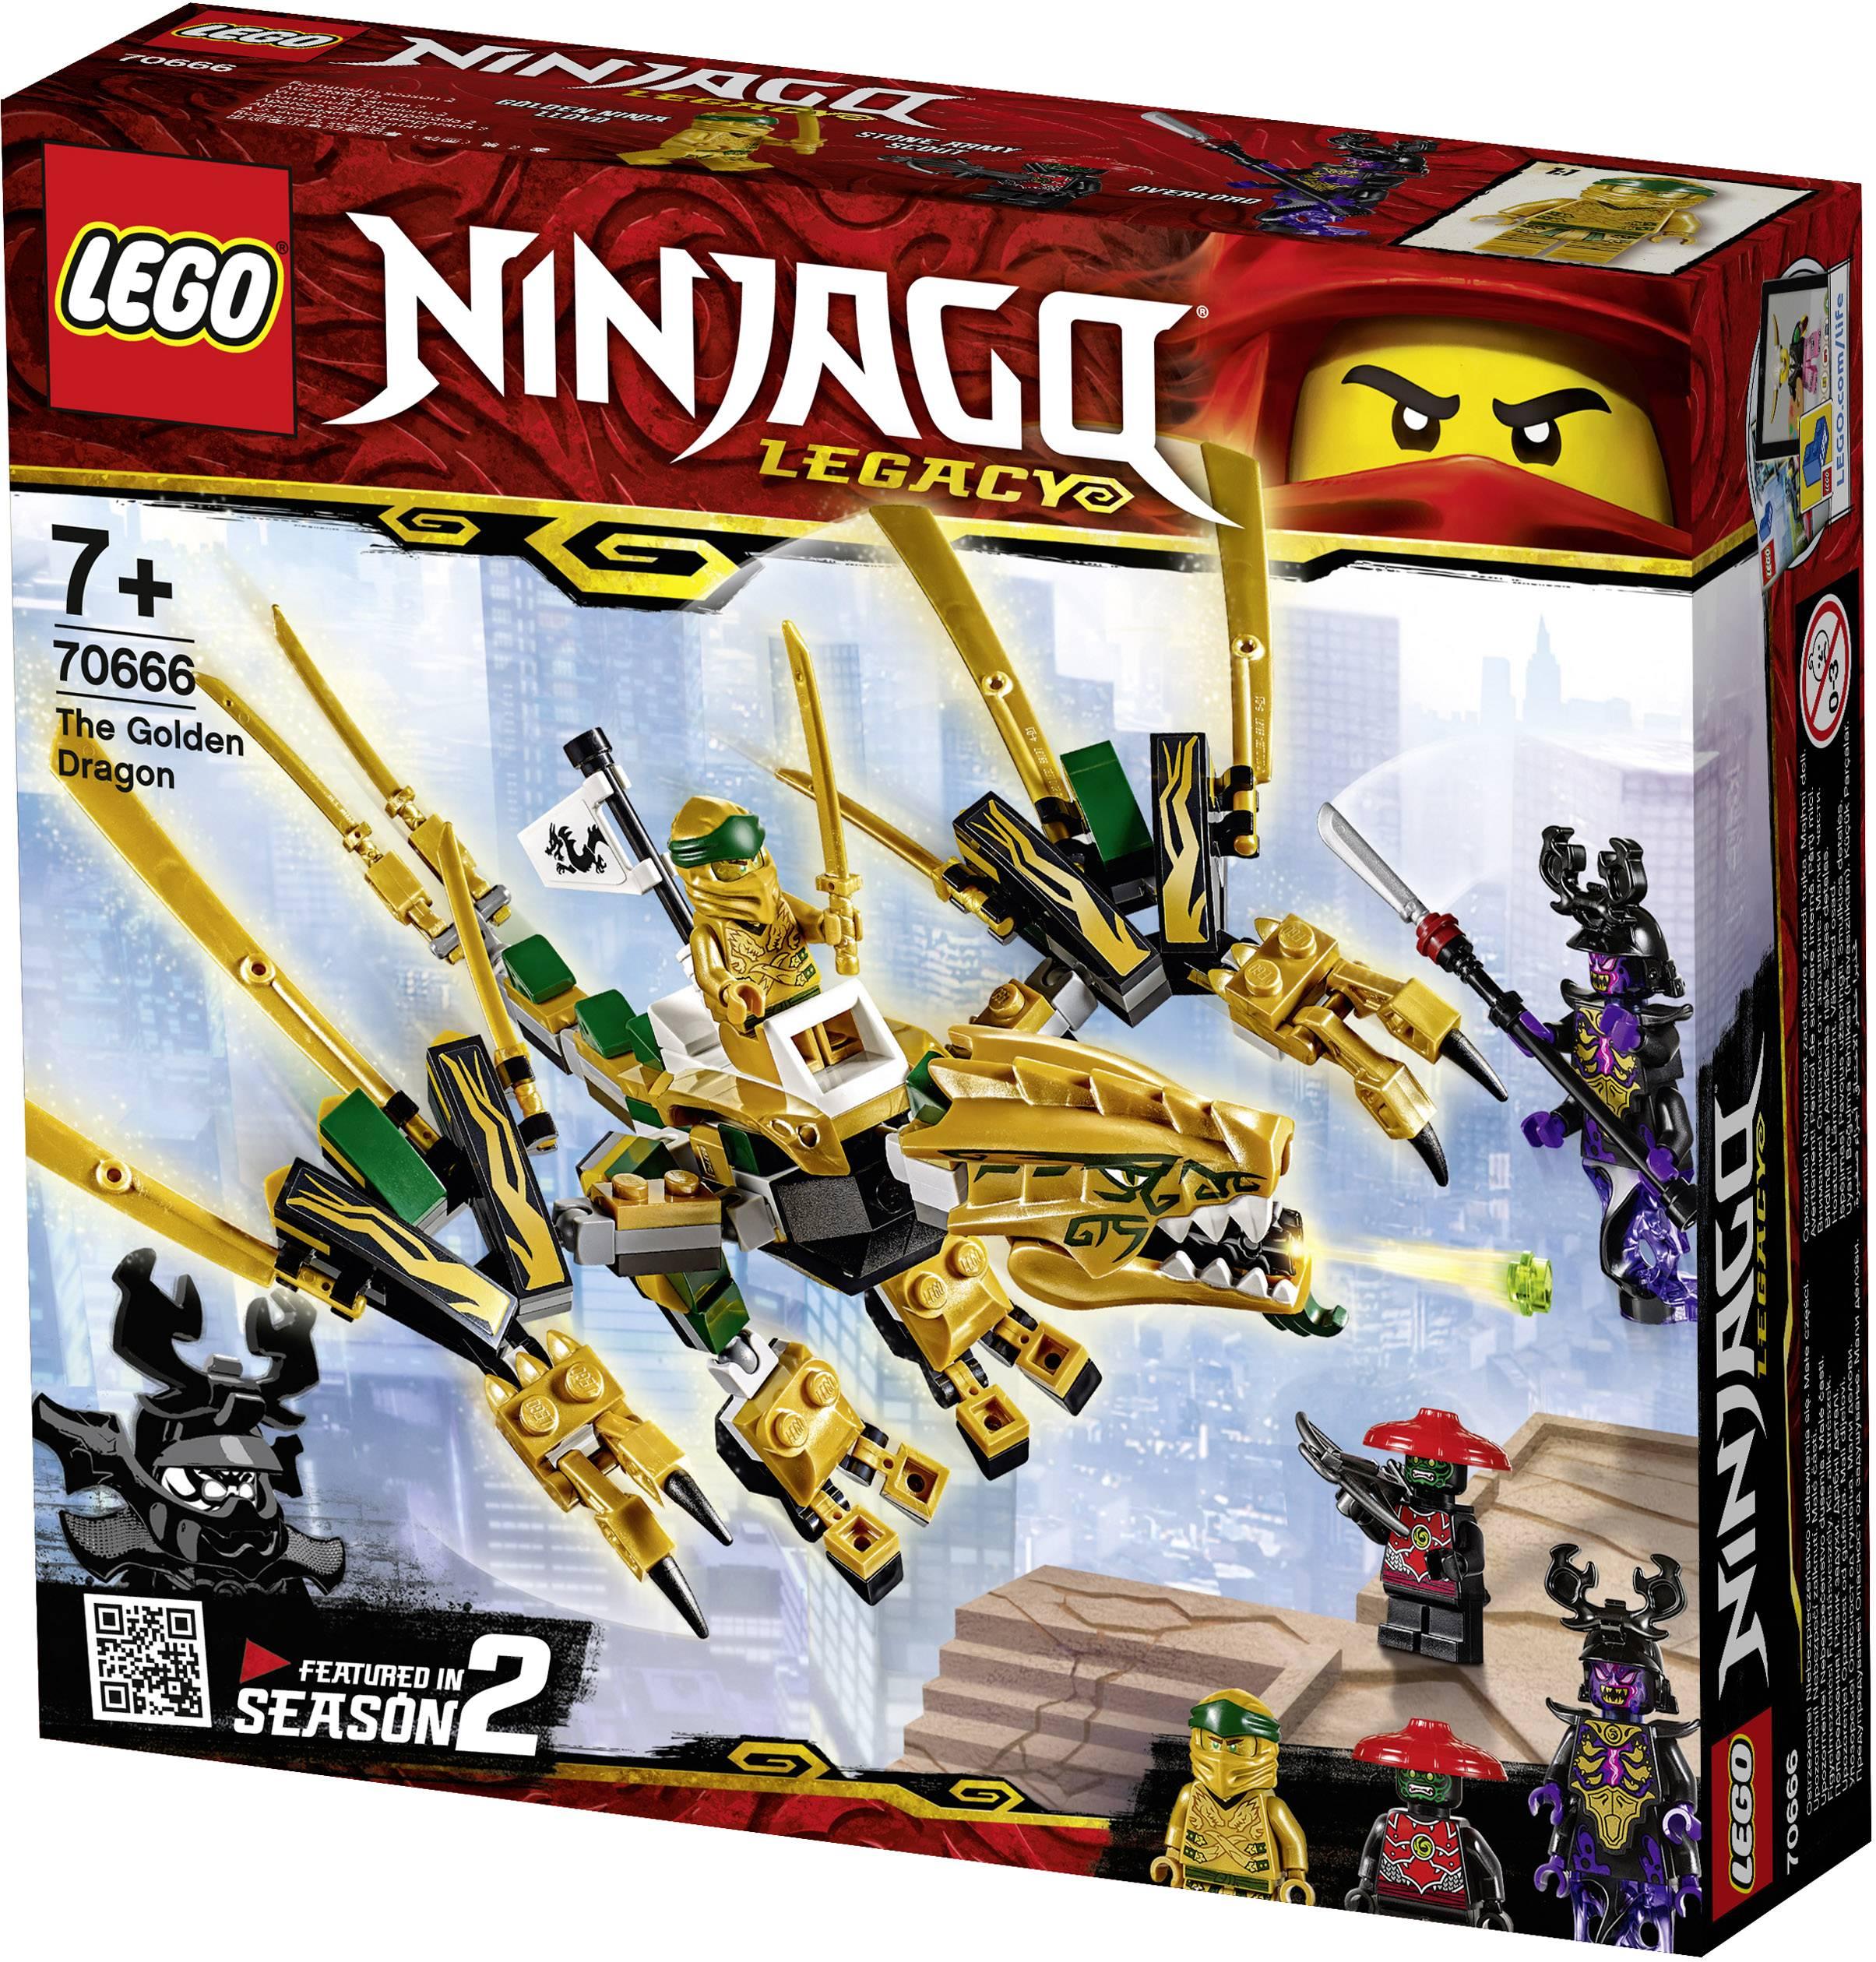 Lego® Ninjago Nombre Legopièces 171 De 70666 PZukXi